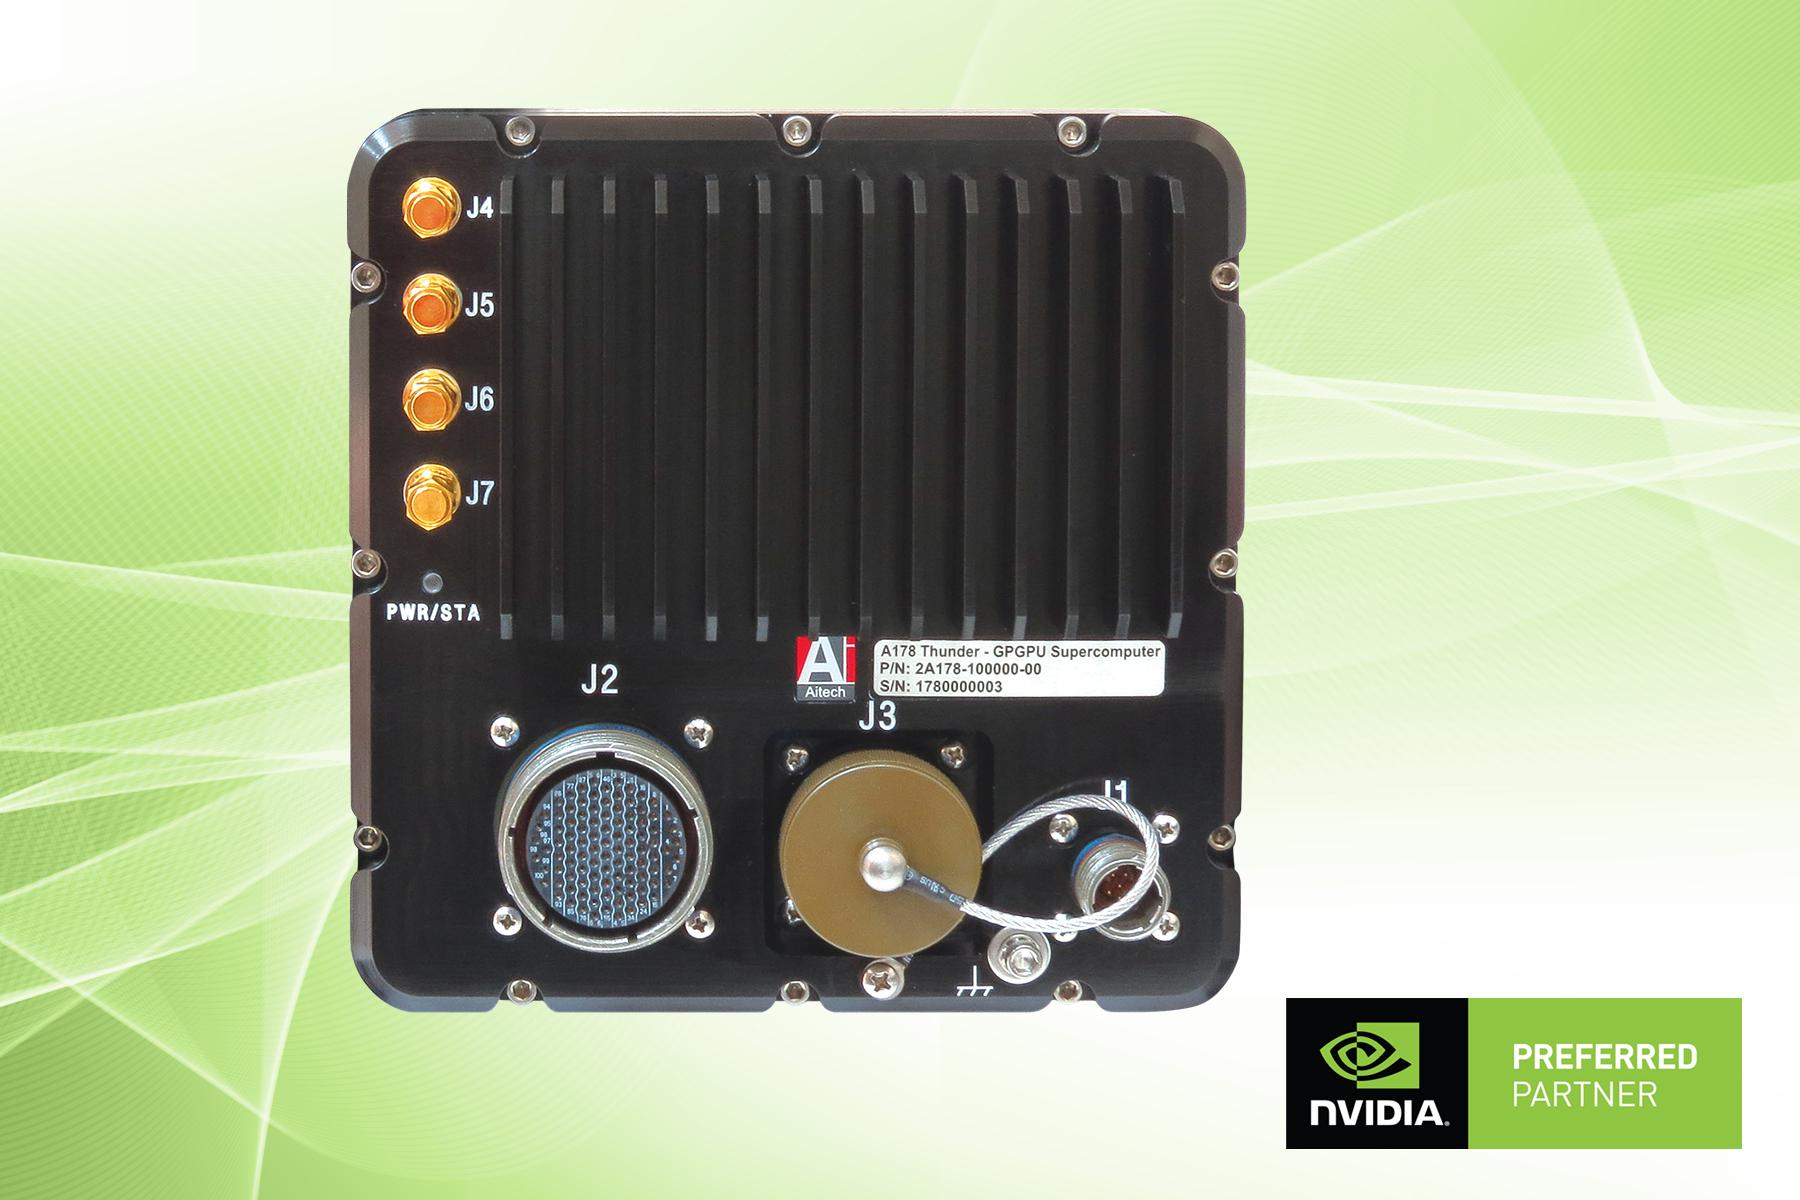 Aitech A178 NVIDIA